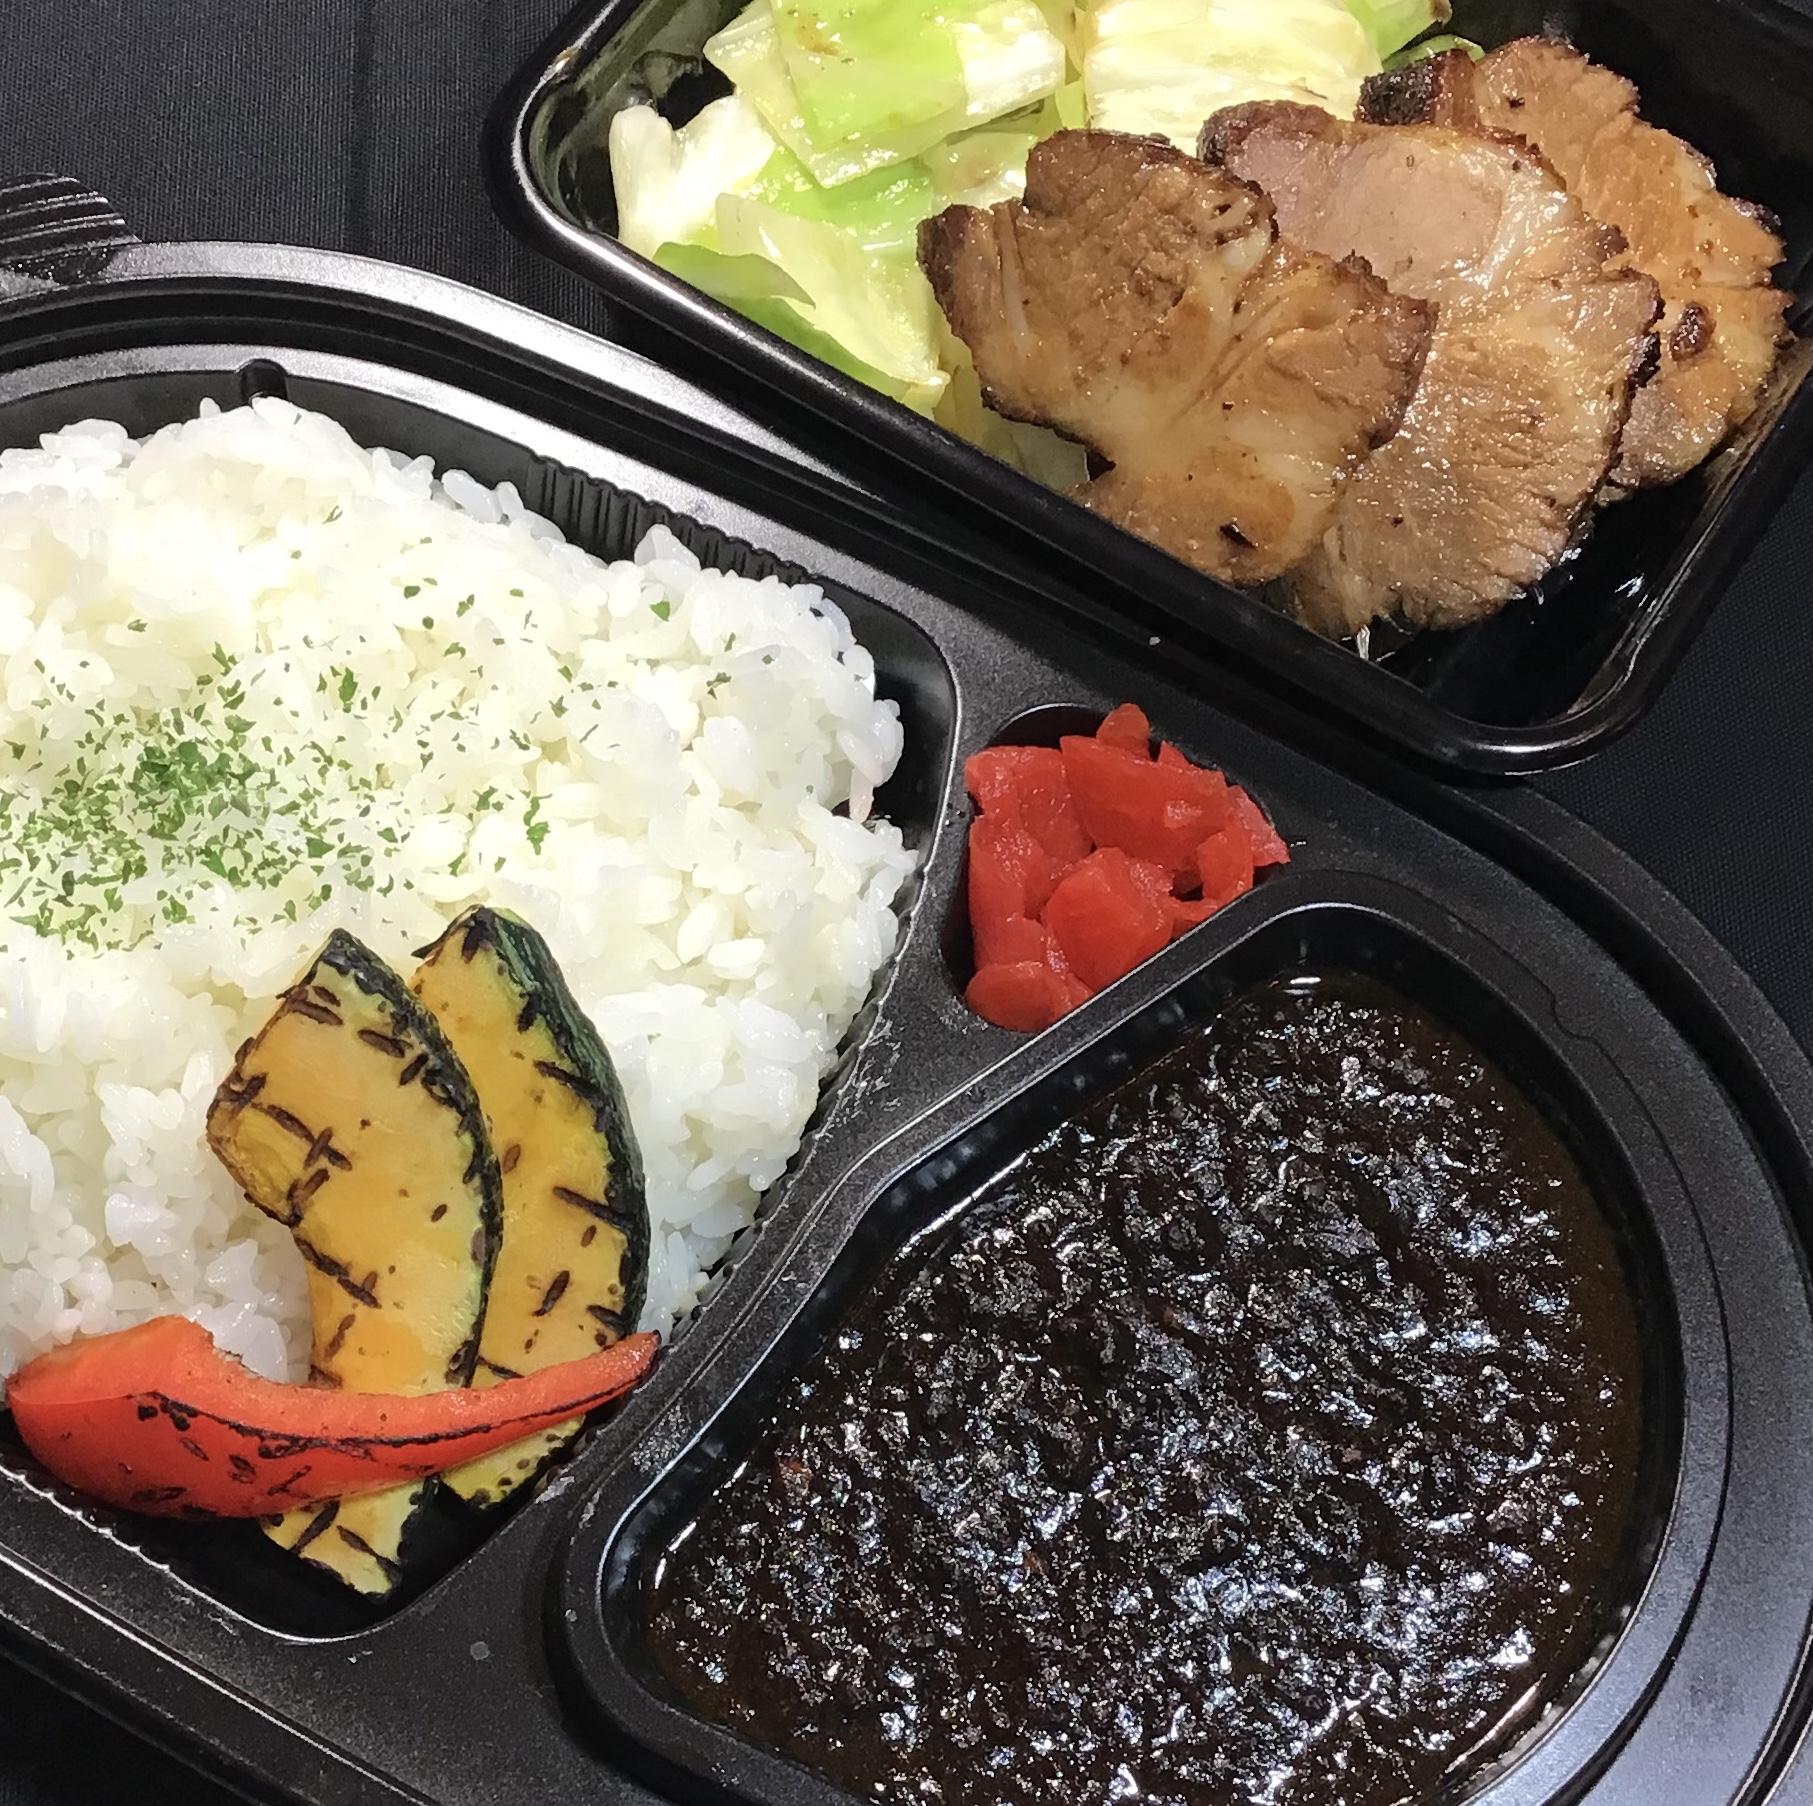 挽き肉の黒マサラカレー&厚切りチャーシュー グリル野菜添え